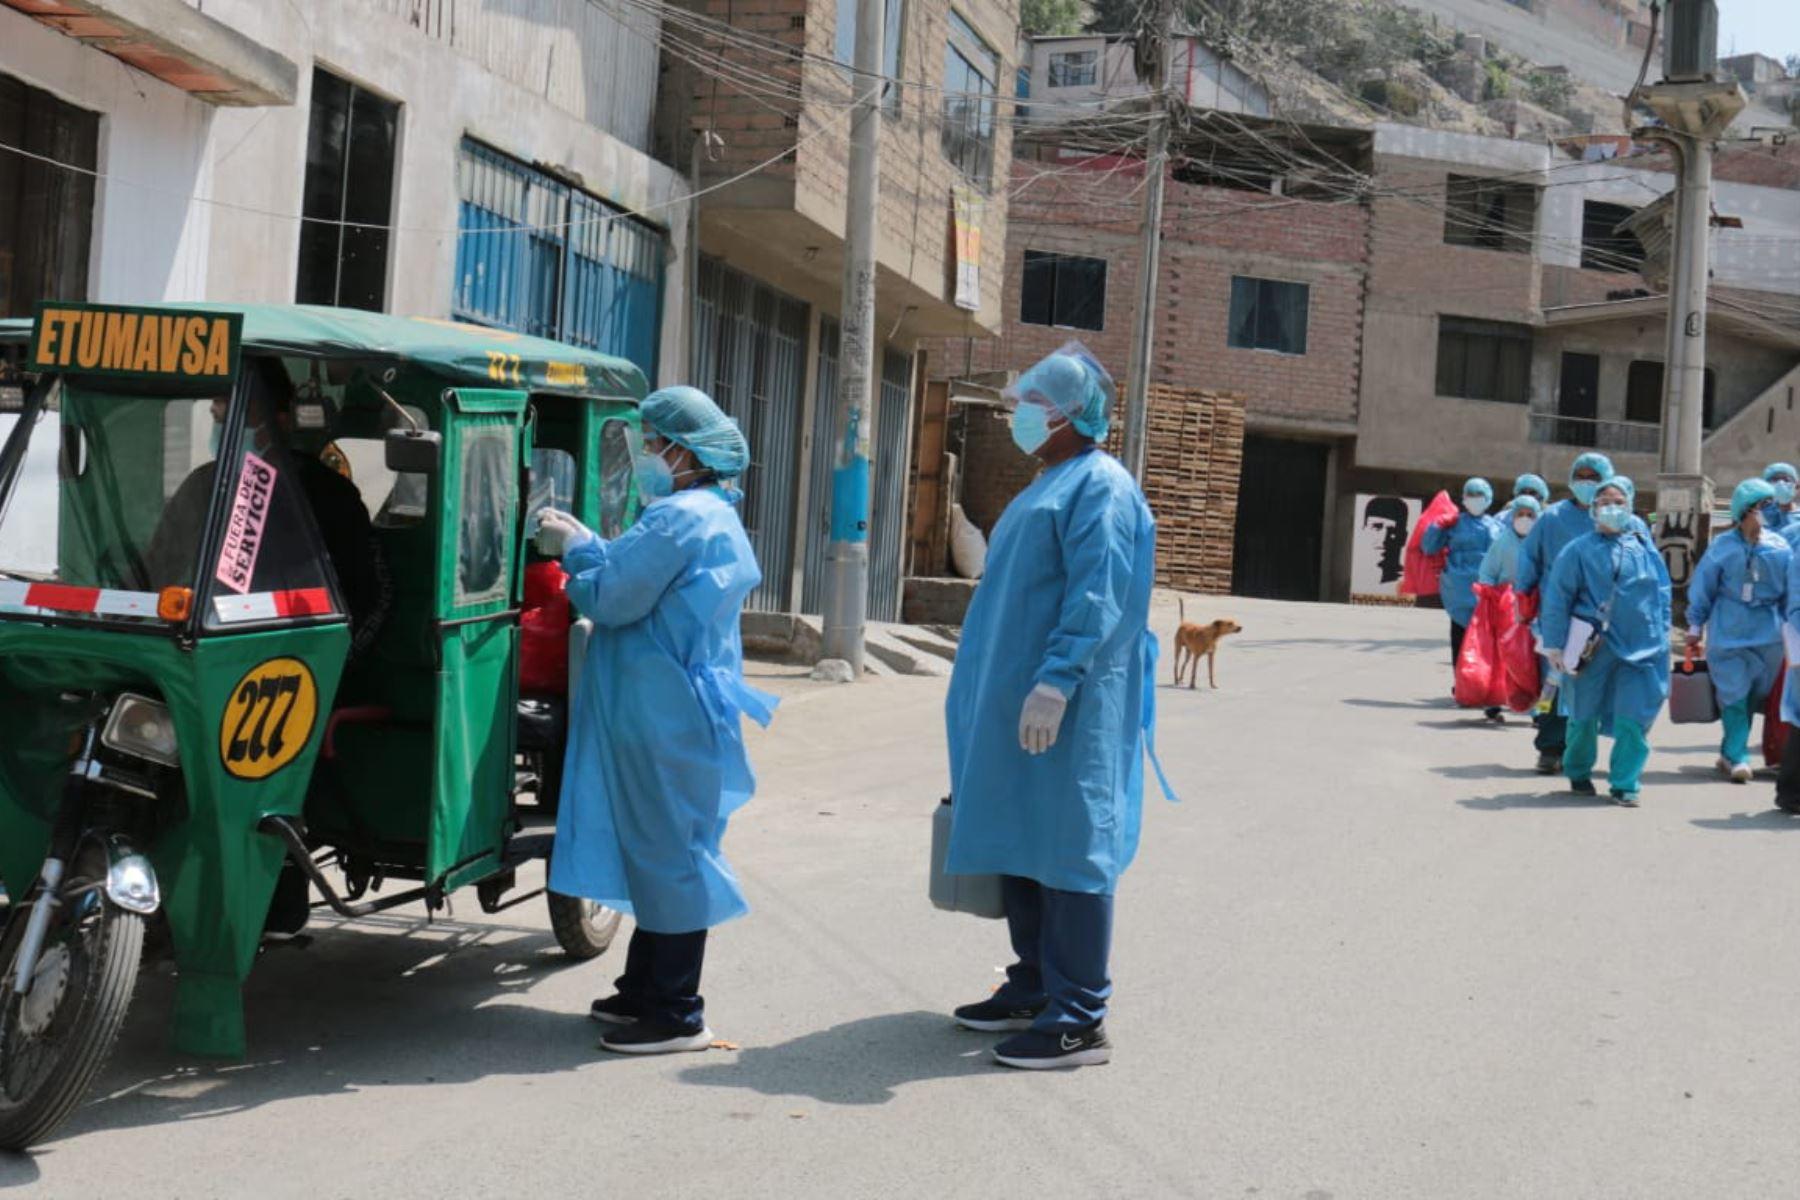 Tras la detección de tres casos de la variante de la COVID-19 delta plus en el distrito de Ate, el Minsa dispuso un cerco epidemiológico en el AA.HH. Túpac Amaru y en la Urb. Ceres 1era Etapa, para frenar la expansión de la enfermedad. Foto: Minsa